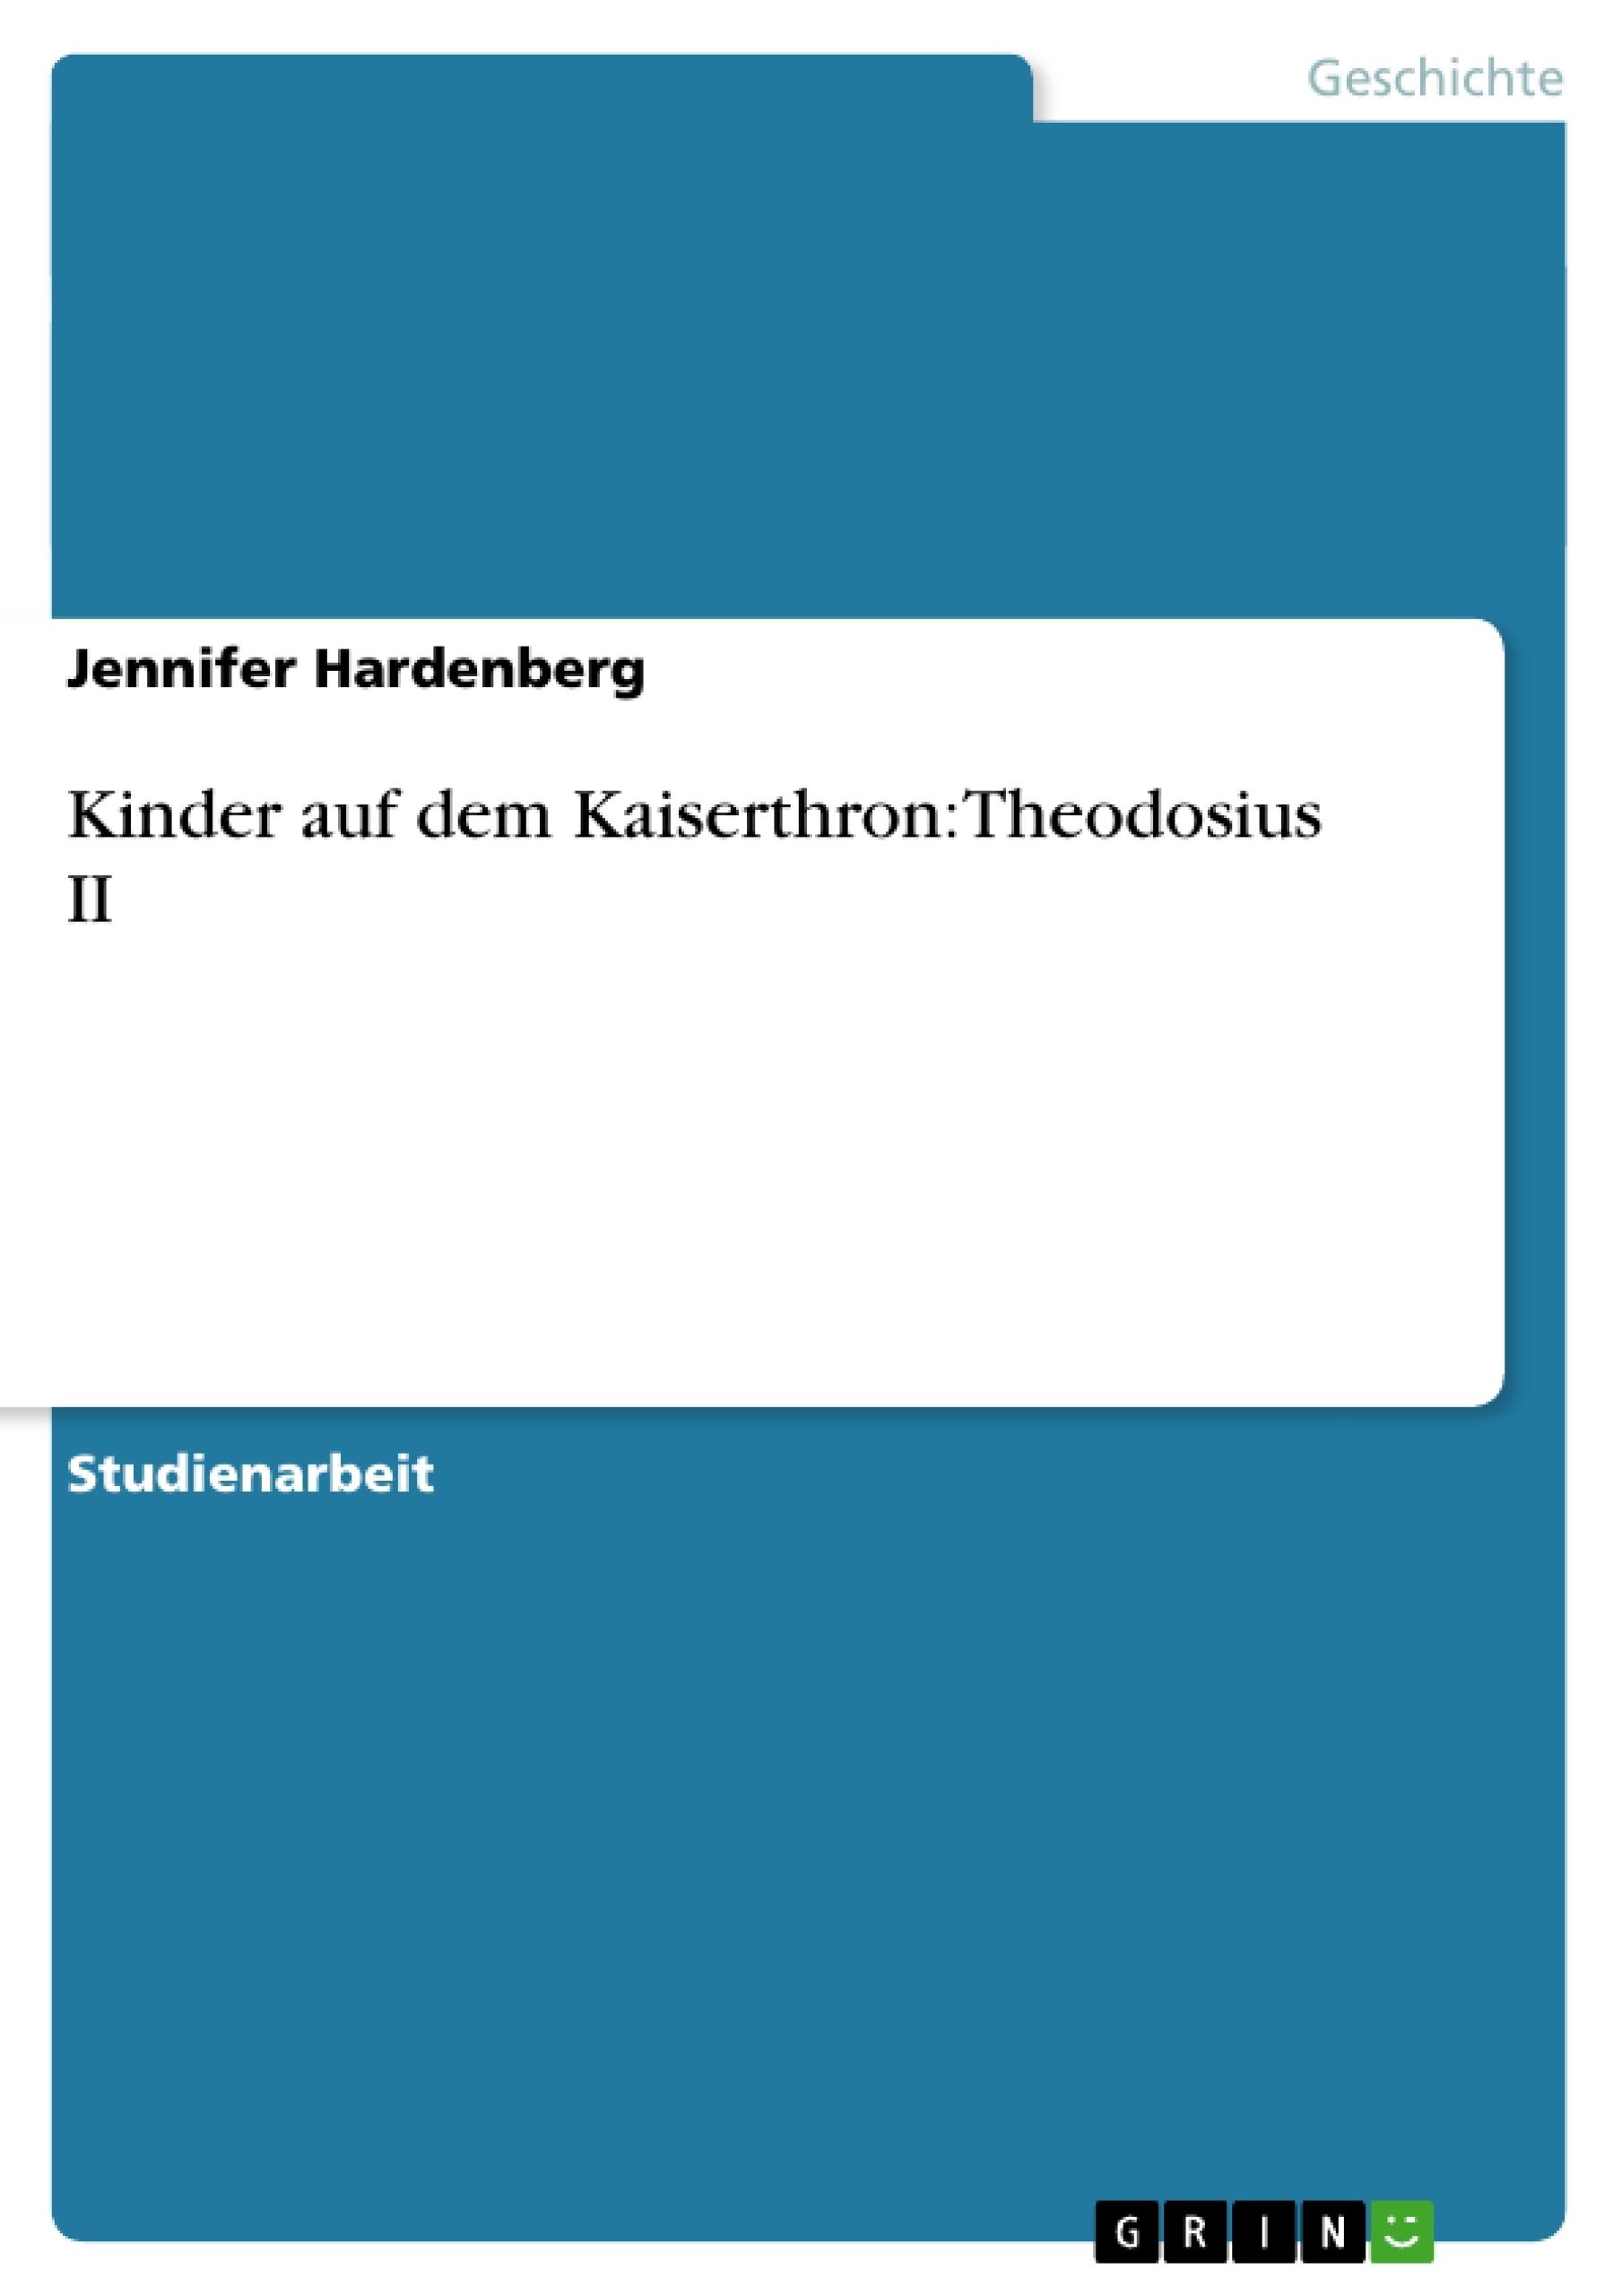 Titel: Kinder auf dem Kaiserthron: Theodosius II